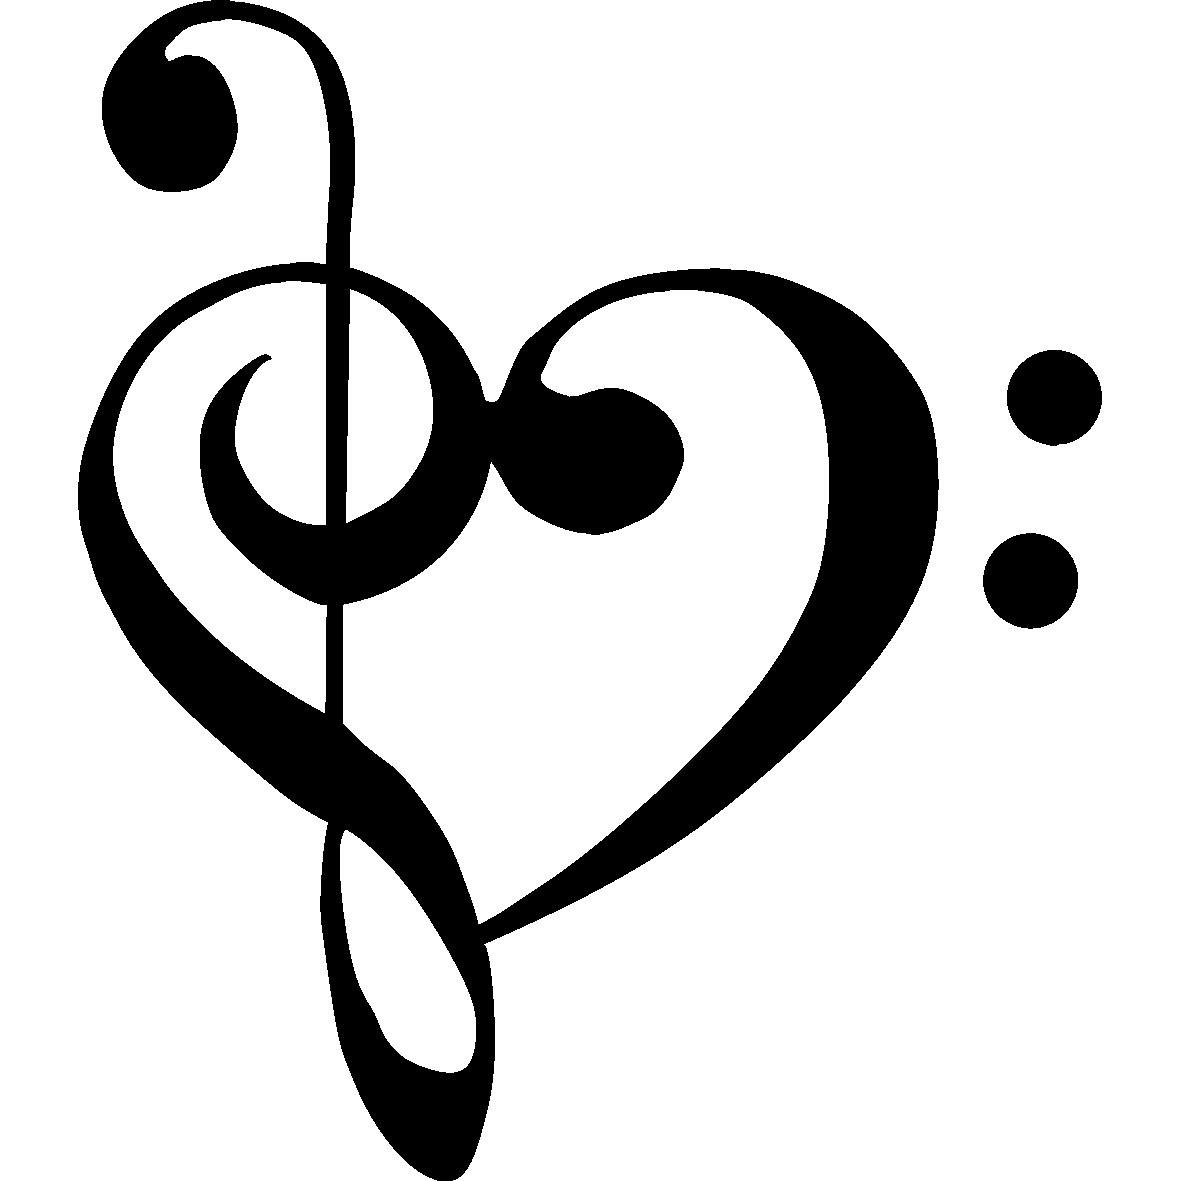 Notes clip art panda. Music clipart heart